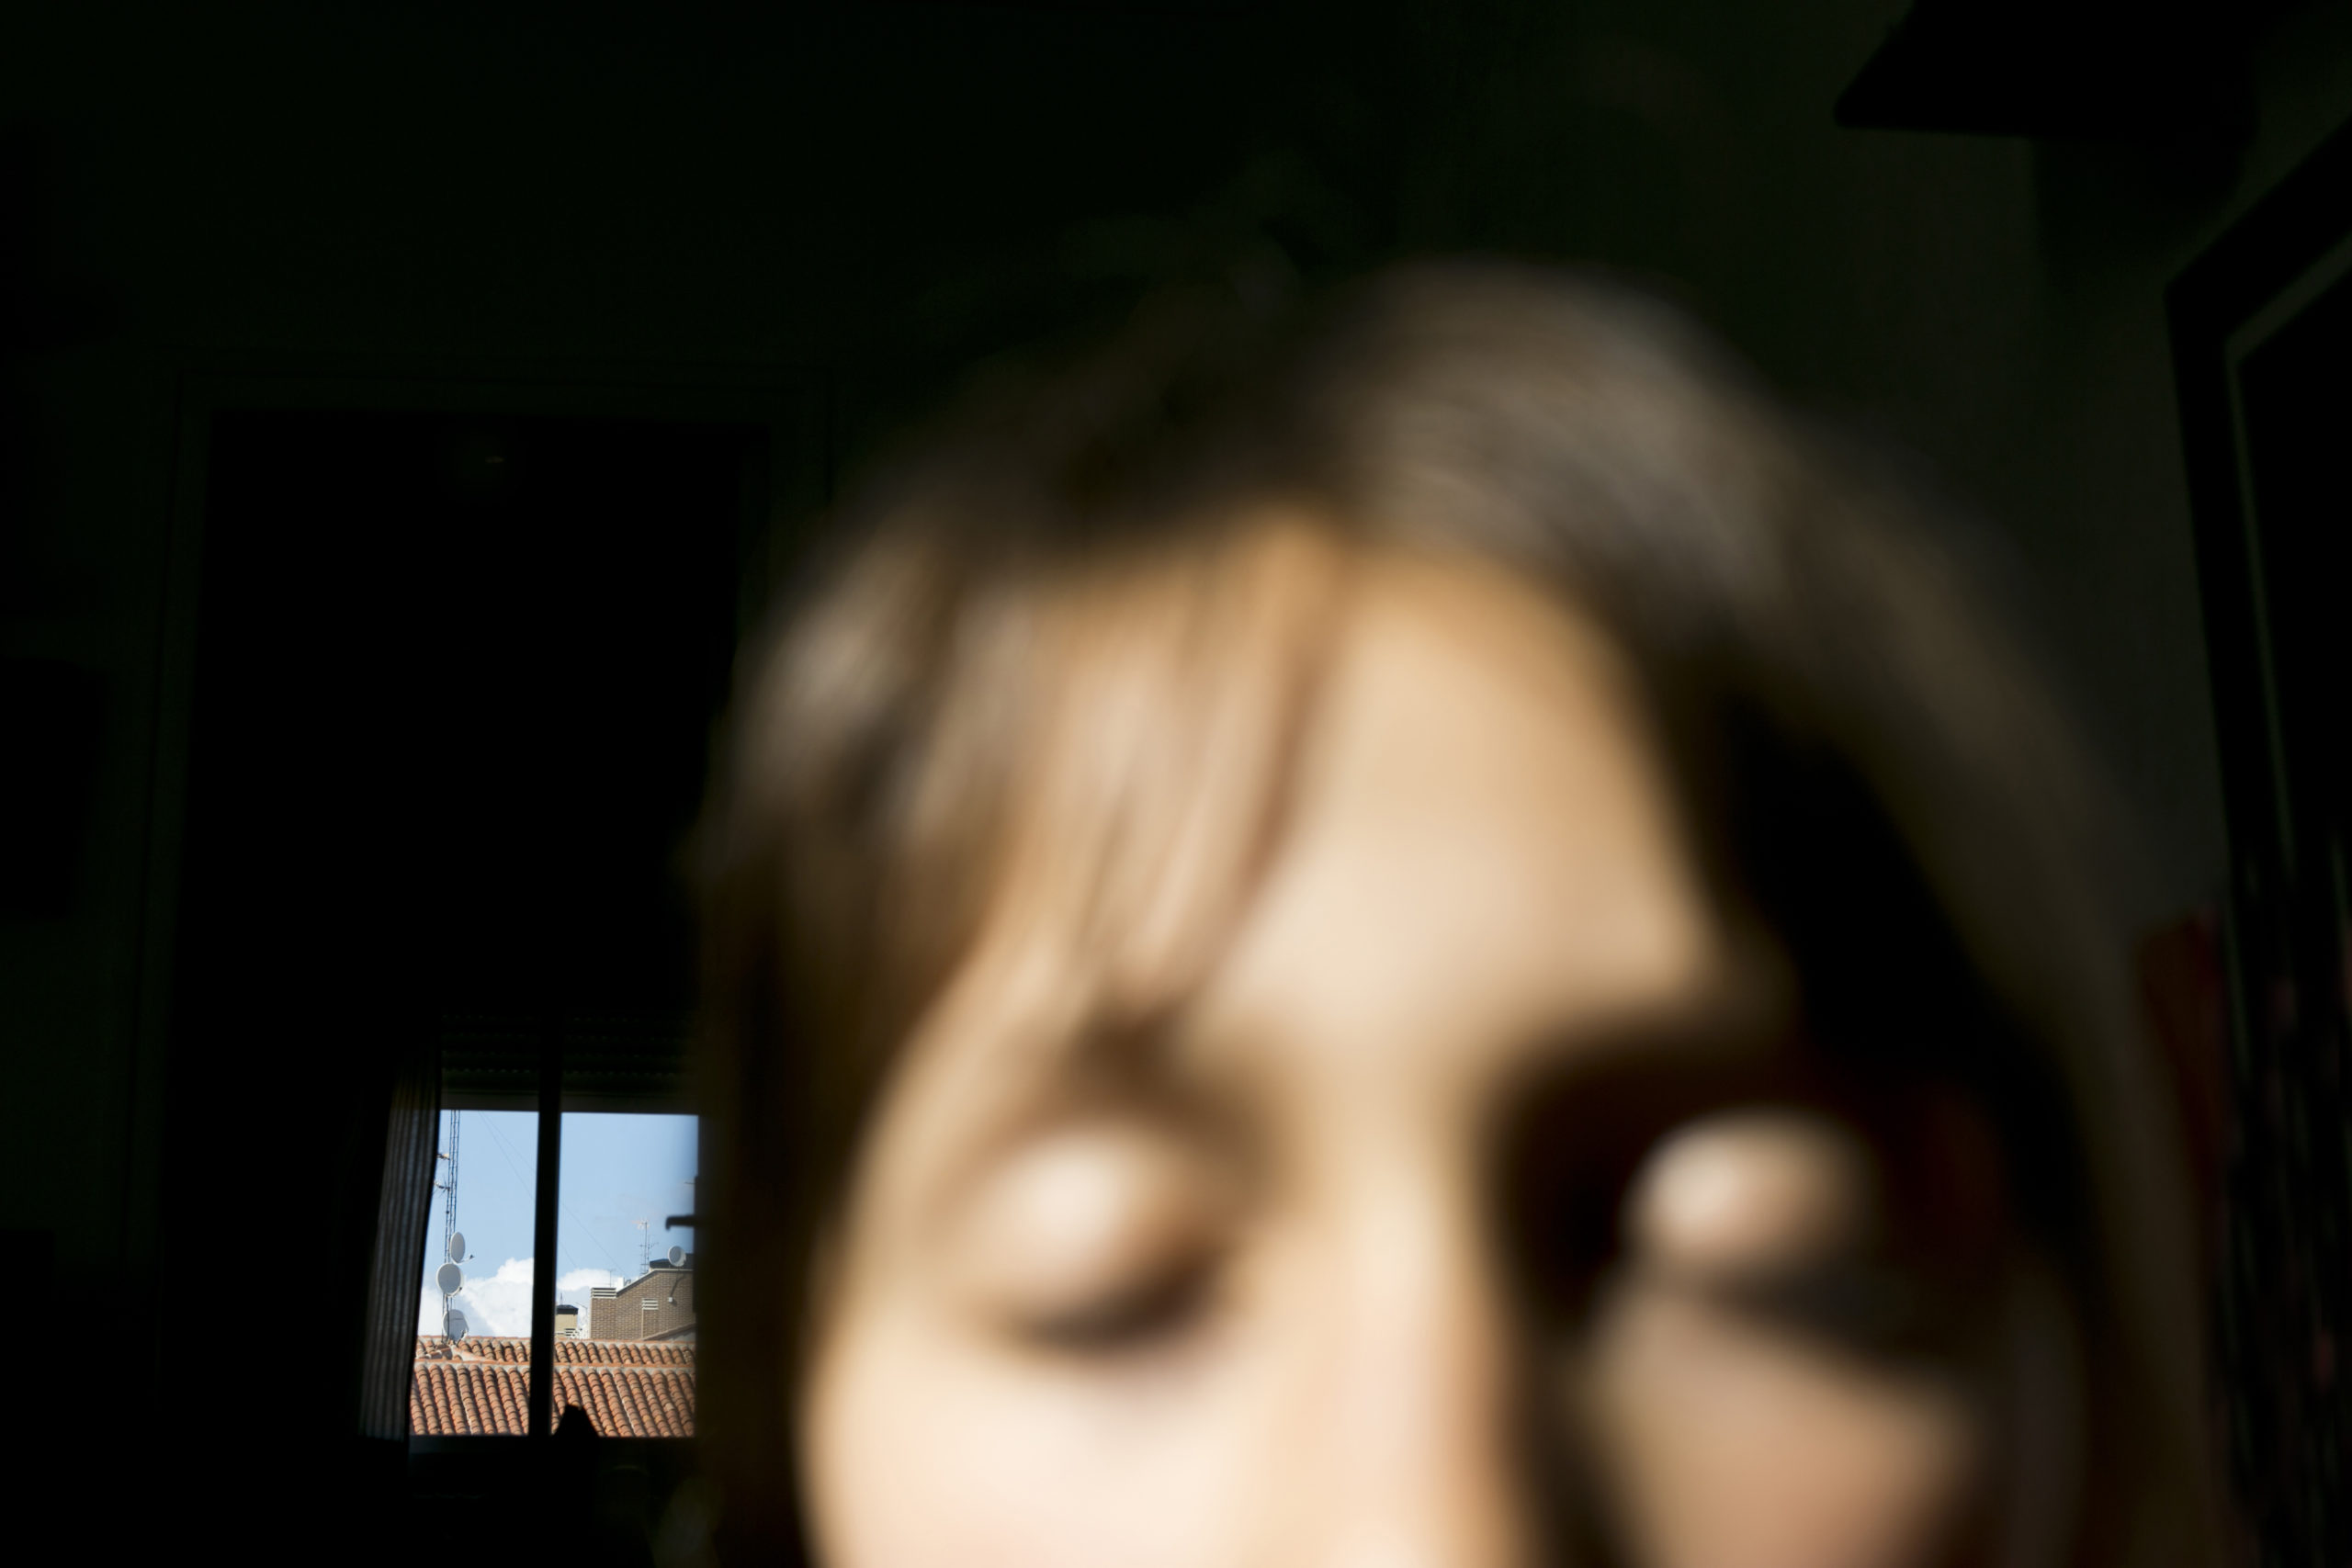 Para mí, aparte de la piel y los besos de mi hija, lo que me apacigua, como fotógrafa que soy, es la cámara. El no poder salir a trabajar me ha otorgado la posibilidad de volver a la fotografía como vocación y disfrute: jugar en la intimidad.